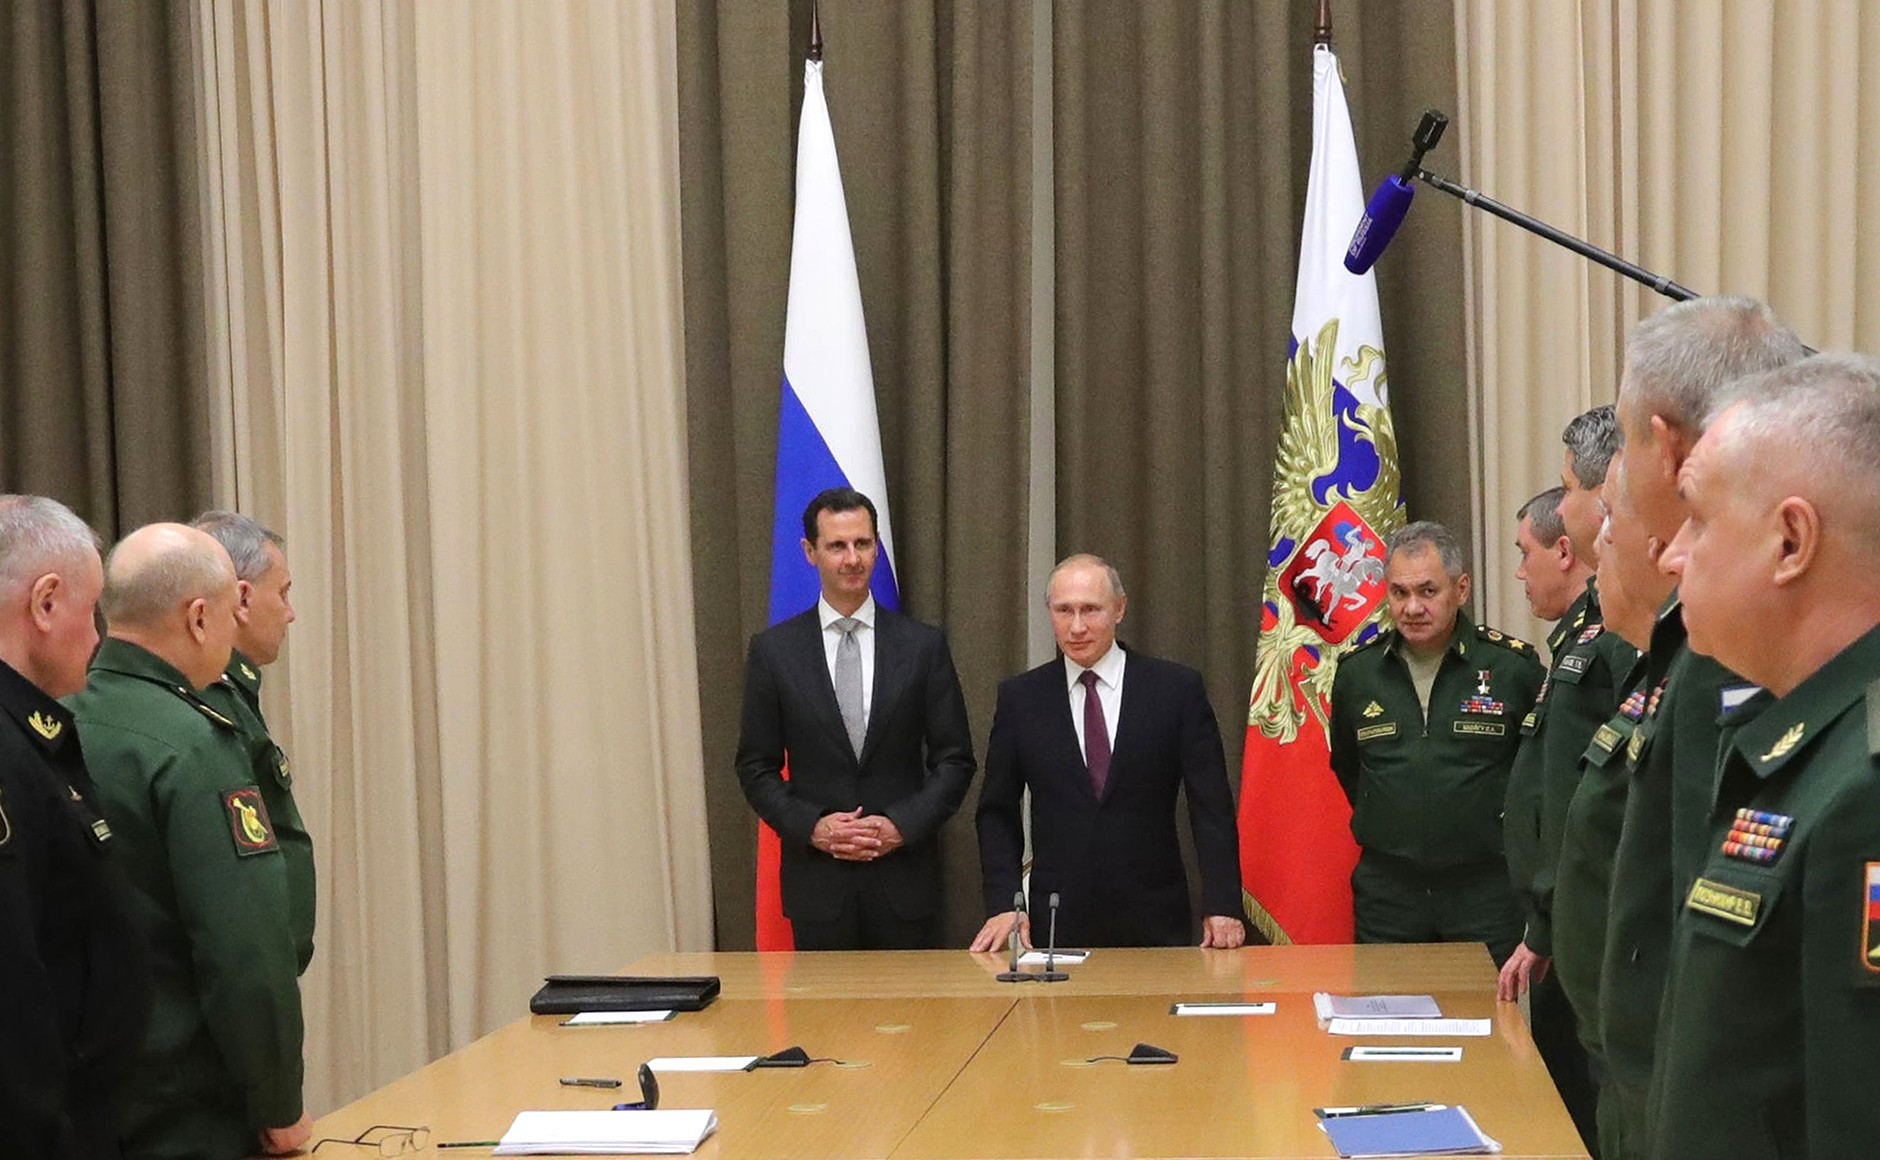 Как Лондон заставил нашу оппозицию поддерживать ввод российских войск в Сирию.